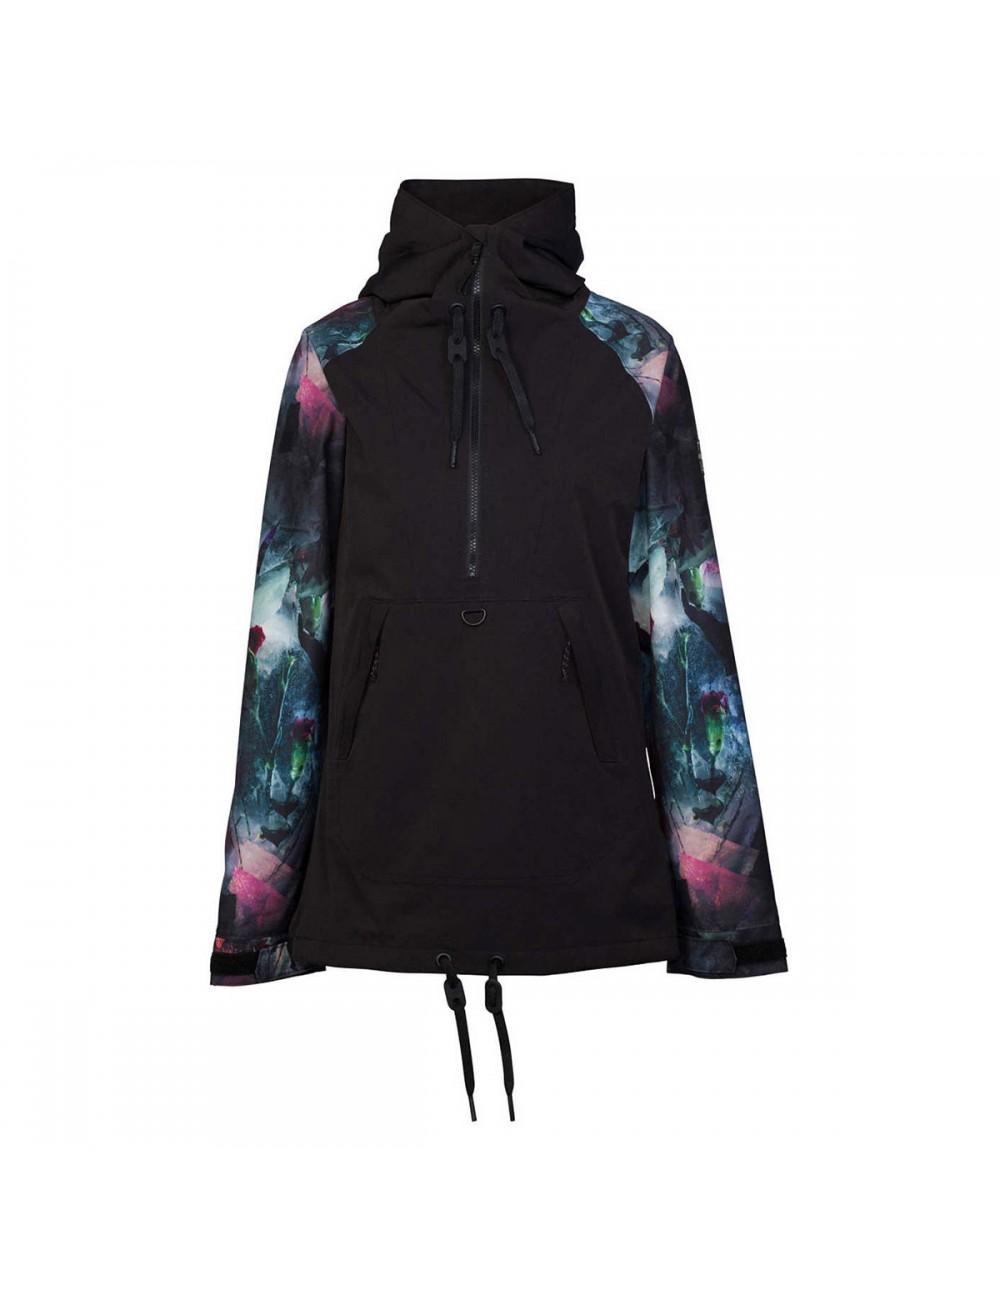 Armada Saint Pullover Jacket - Black_1001002